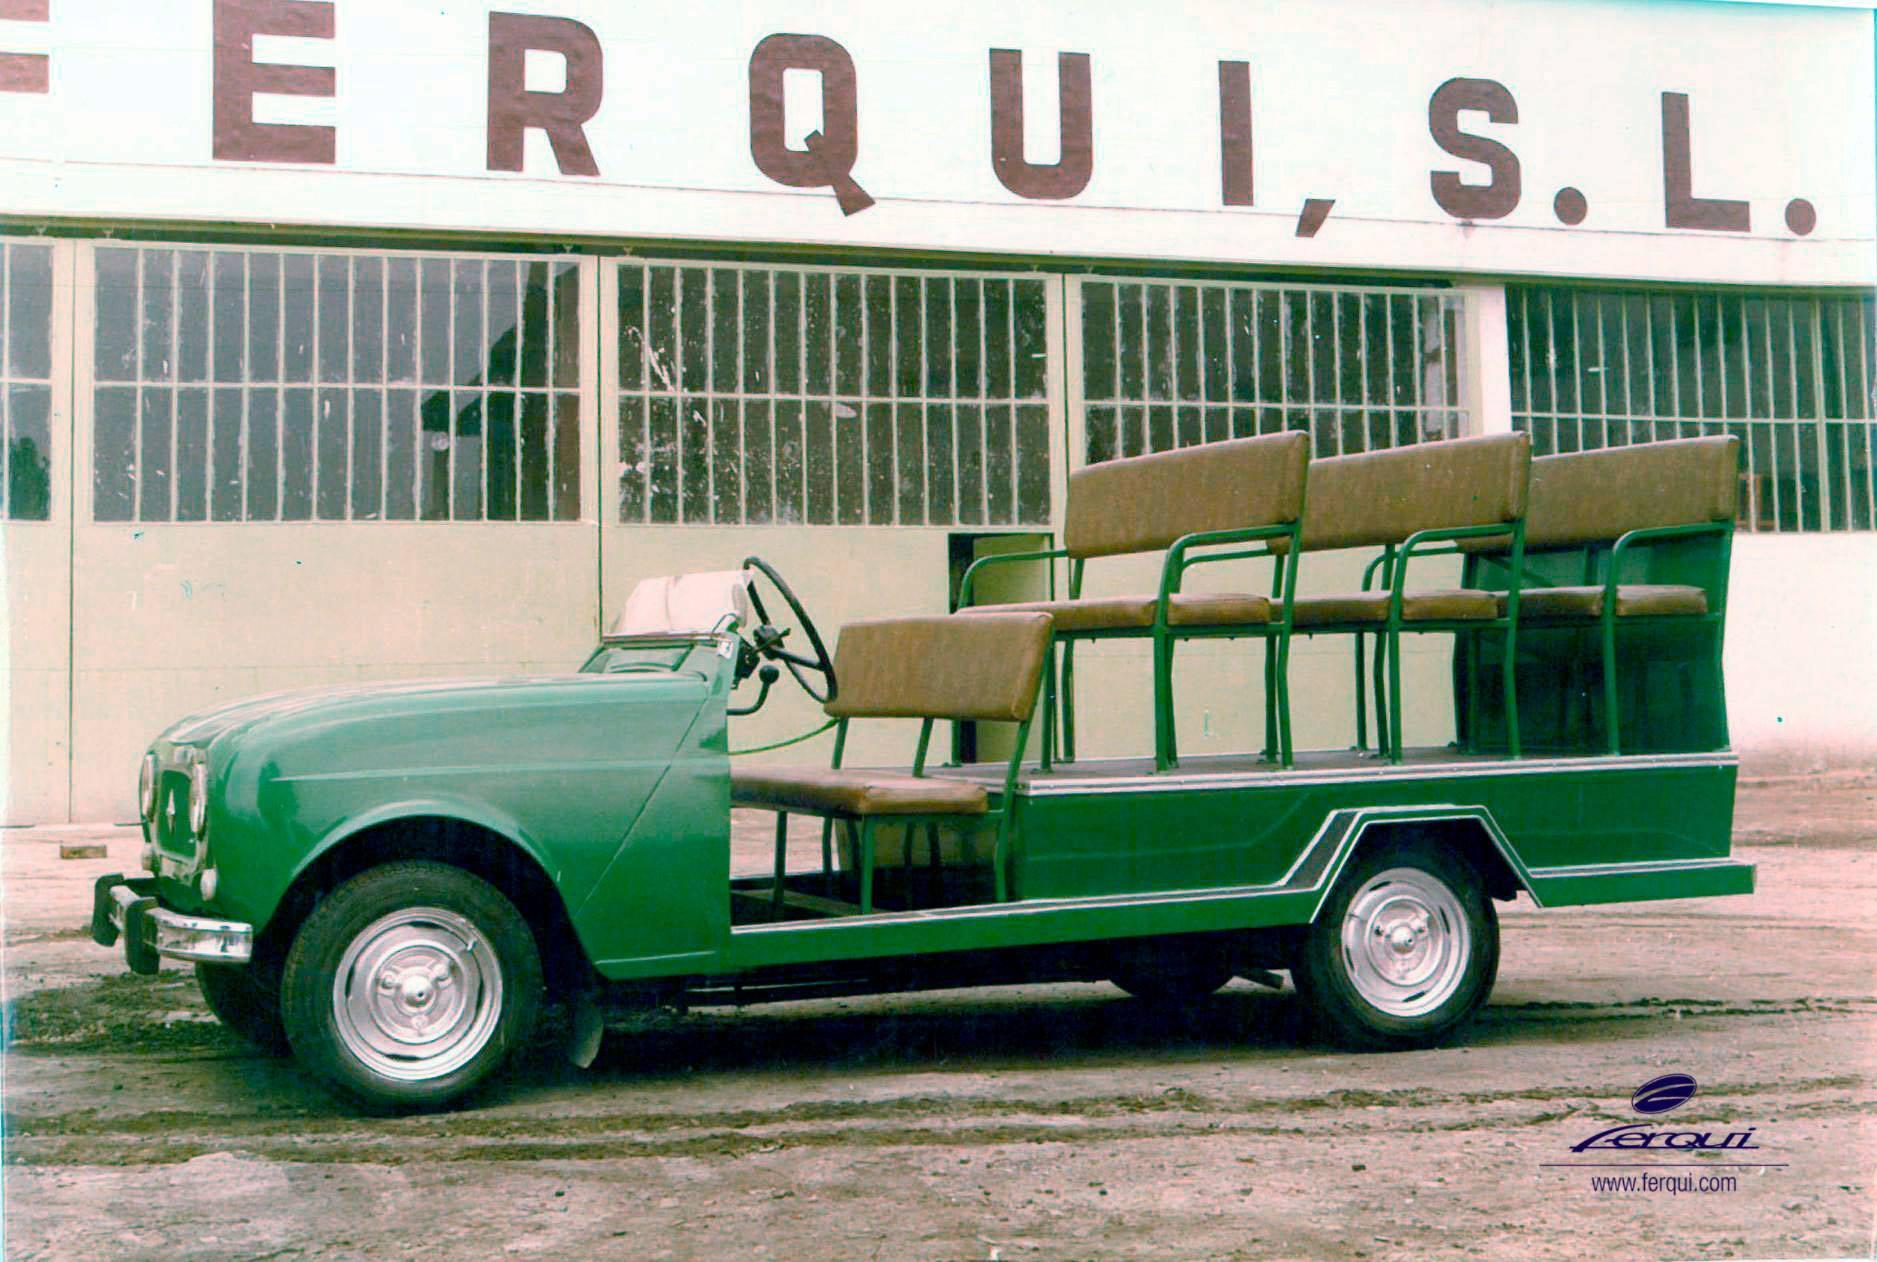 1970-beurs-in-Asturias--Renault-4-1